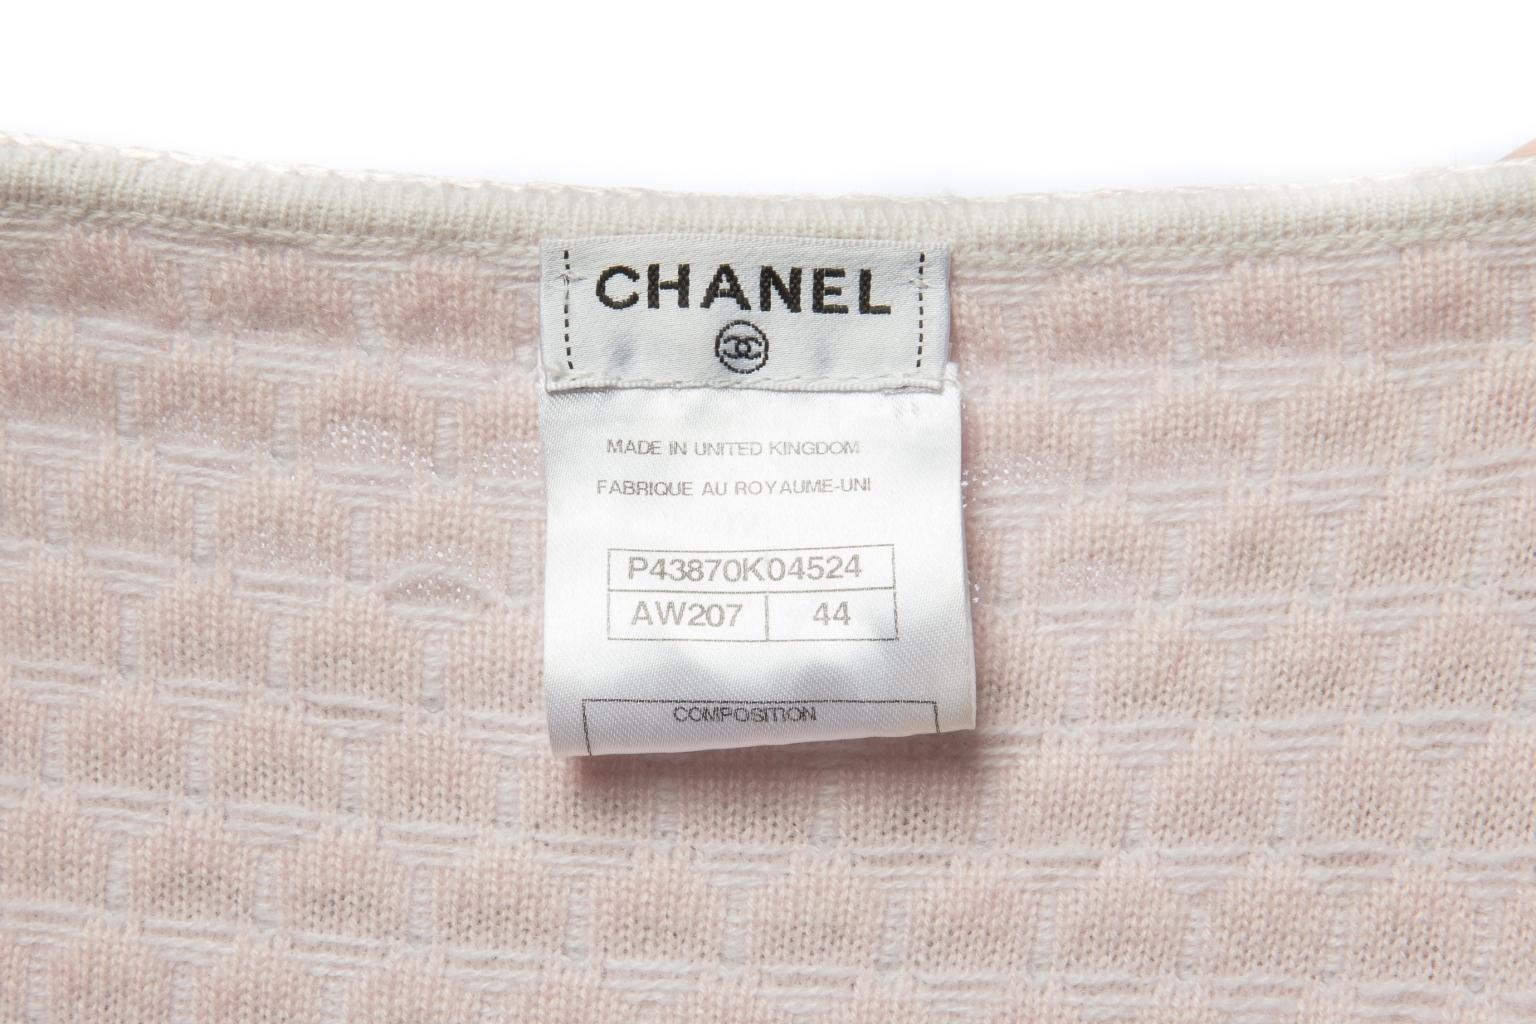 Нежный трикотажный кардиган из кашемира от Chanel, 44 размер.